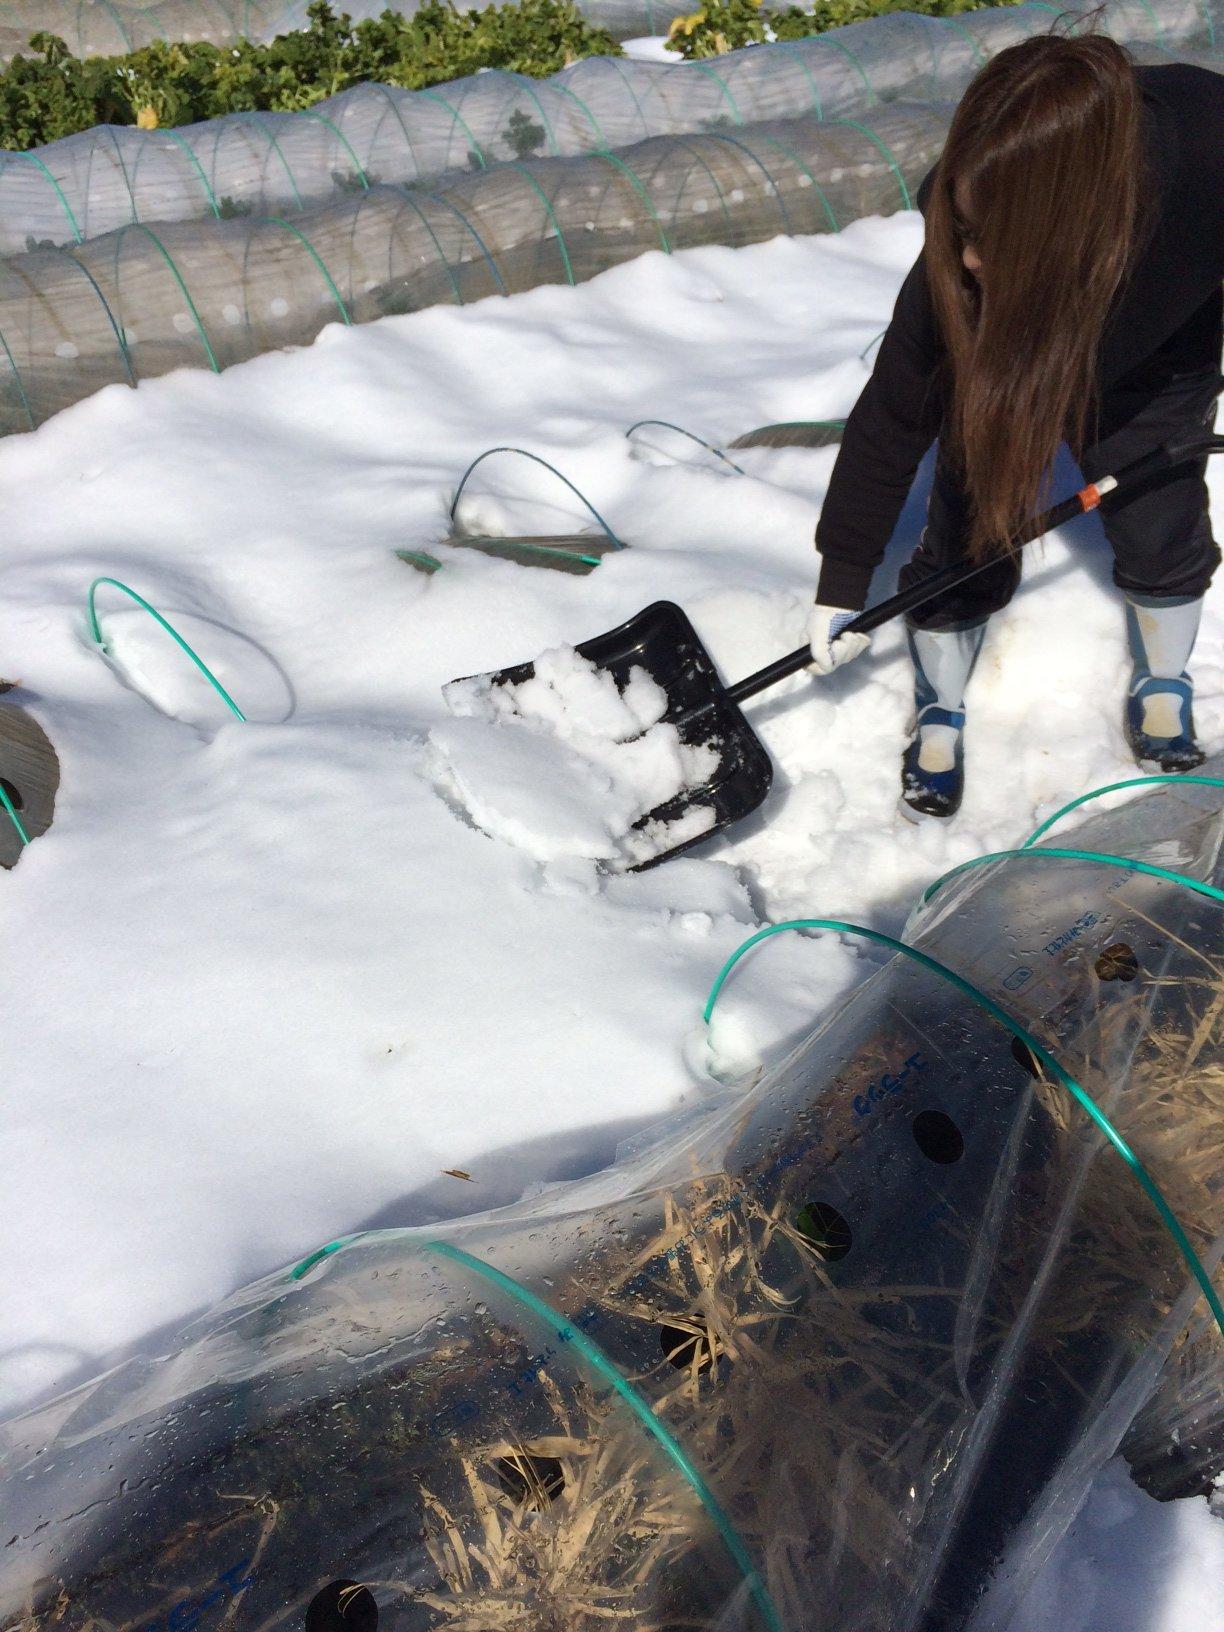 今朝は 2人で 雪かき・・なんとかエンドウ豆の畝 立て直しました・・復活を願います_c0222448_16123392.jpg